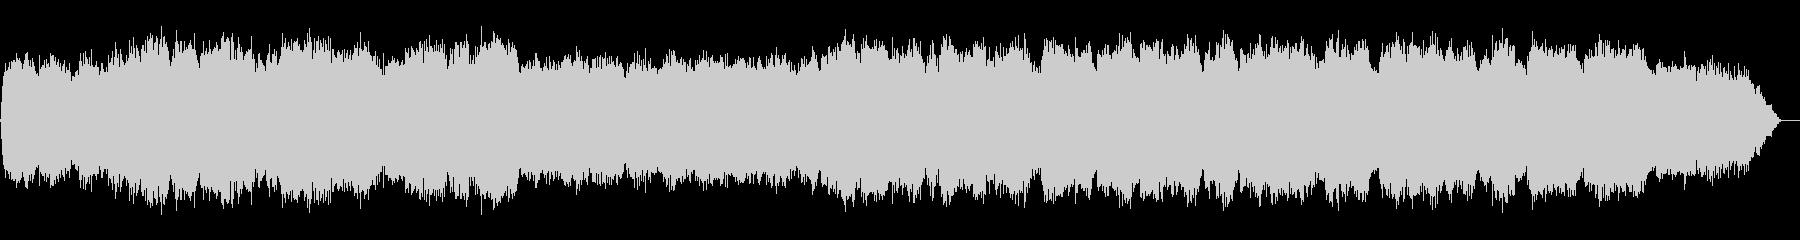 笛の音色が印象的なヒーリングミュージックの未再生の波形